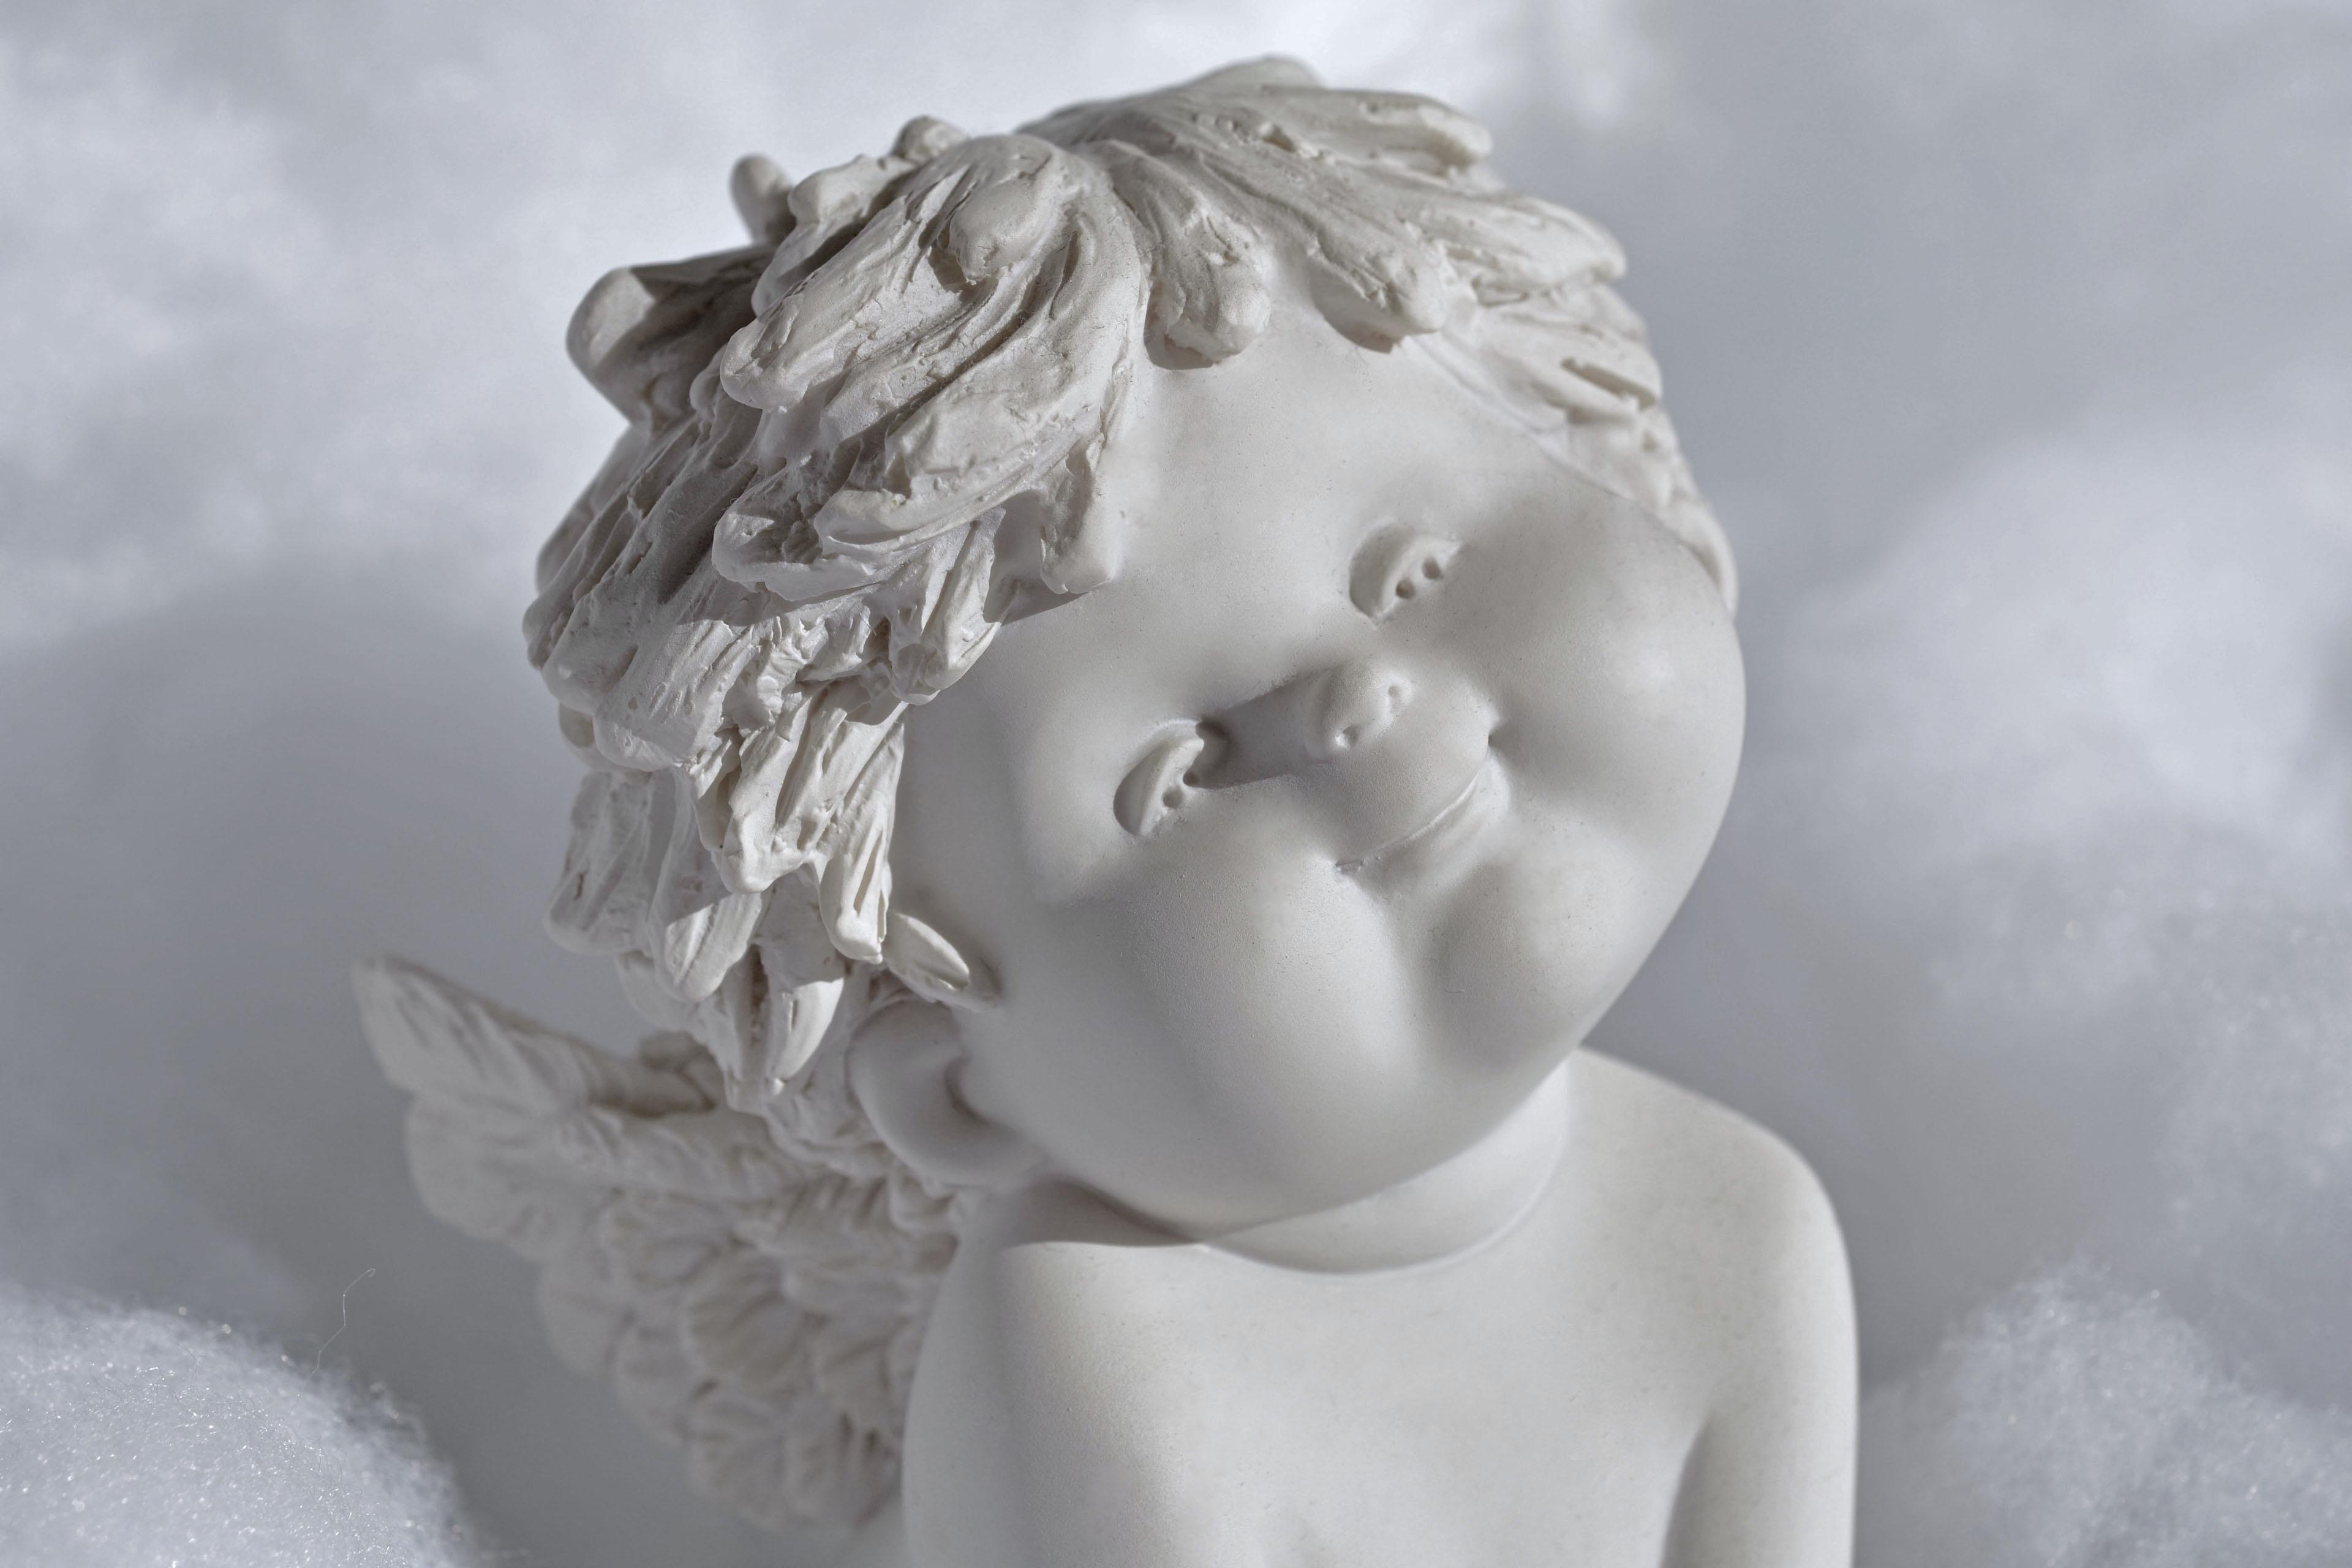 ангелочек картинки фото достоинствами женщины христианским